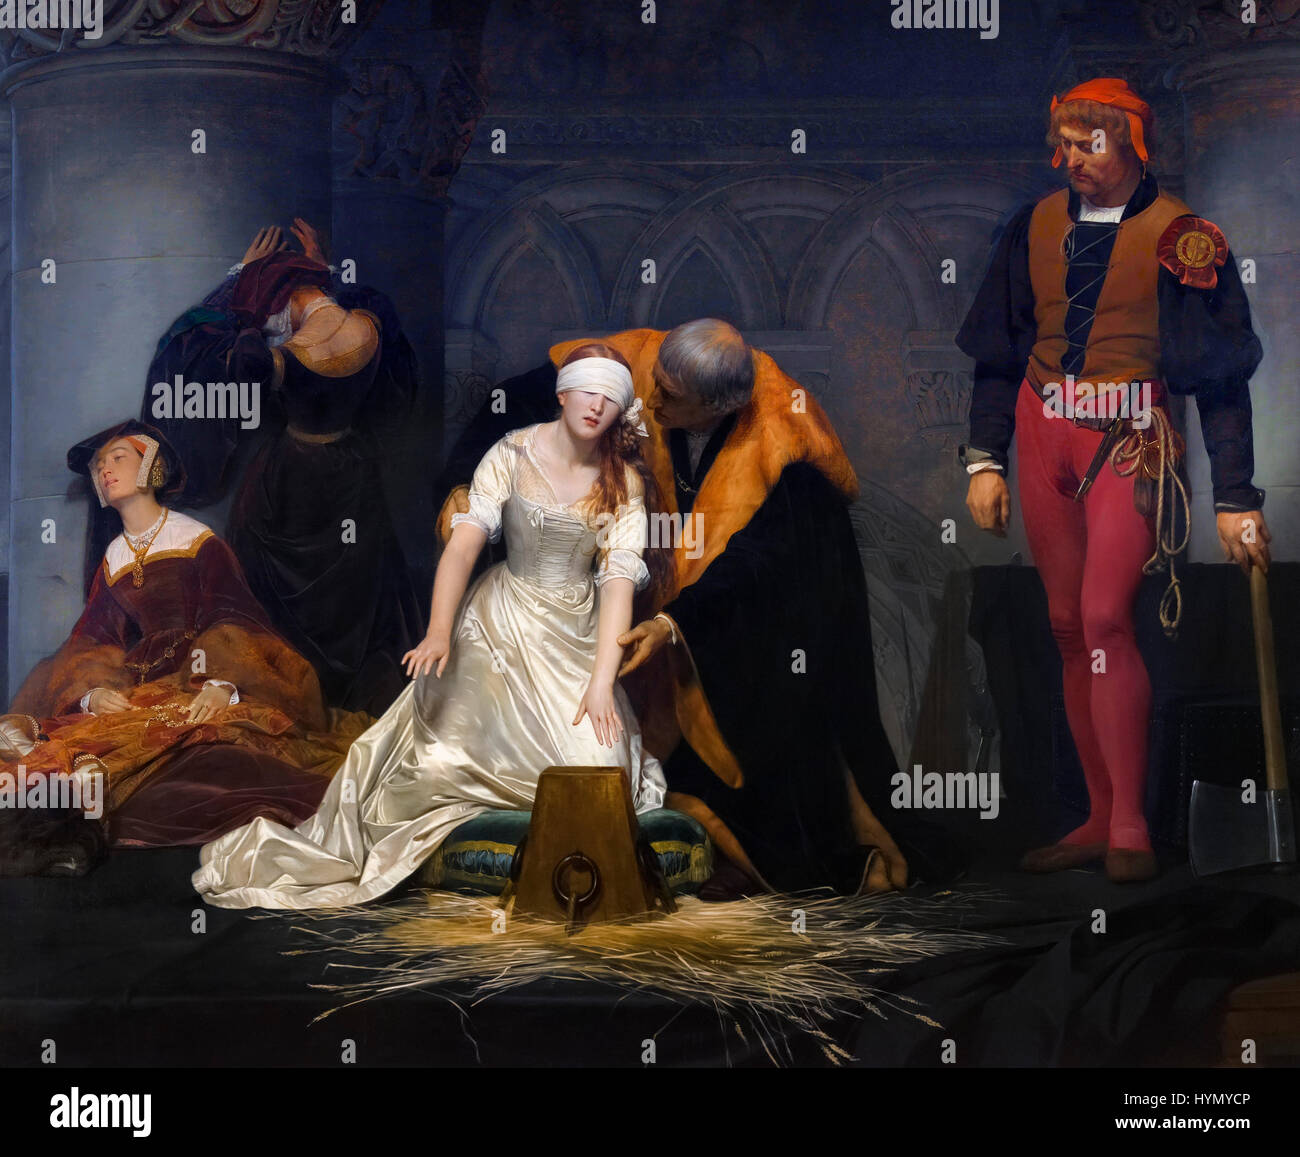 L'esecuzione di Lady Jane Gray di Paul delaroche (1795-1856), olio su tela, 1833. Lady Jane Grey regnò come regina Foto Stock